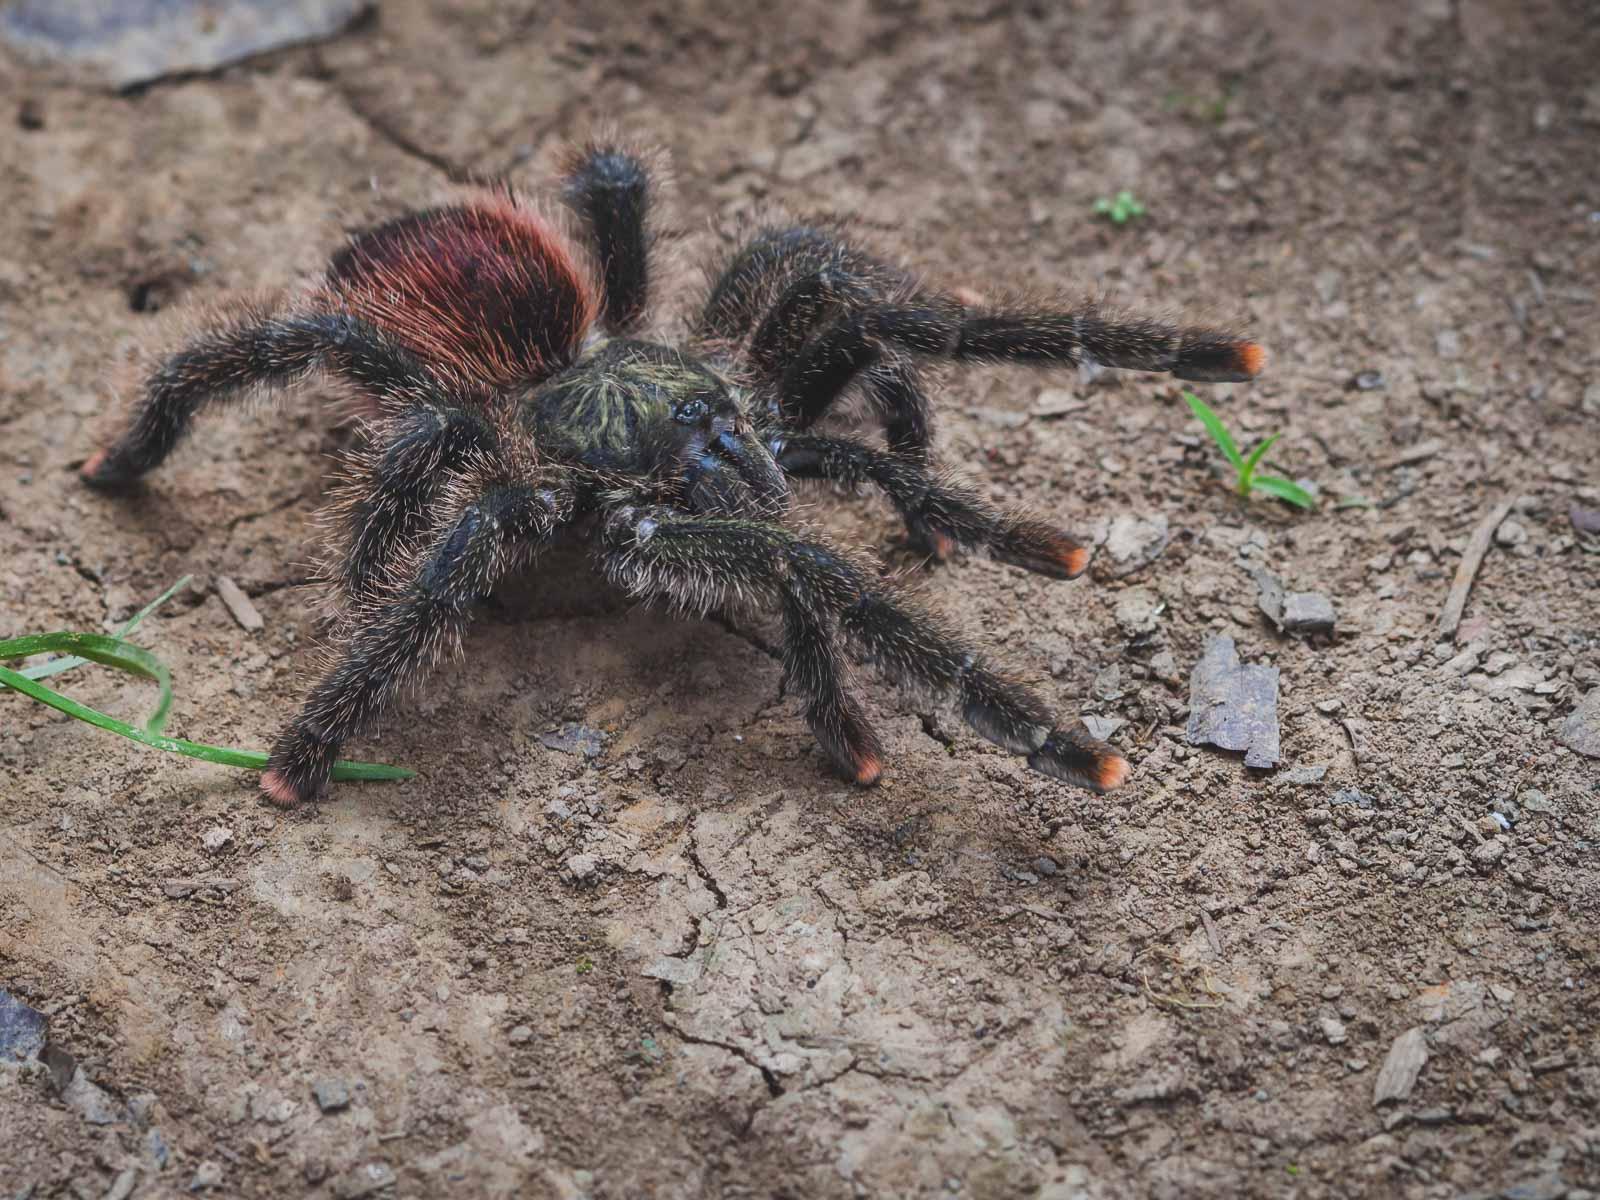 Amazon River Spiders